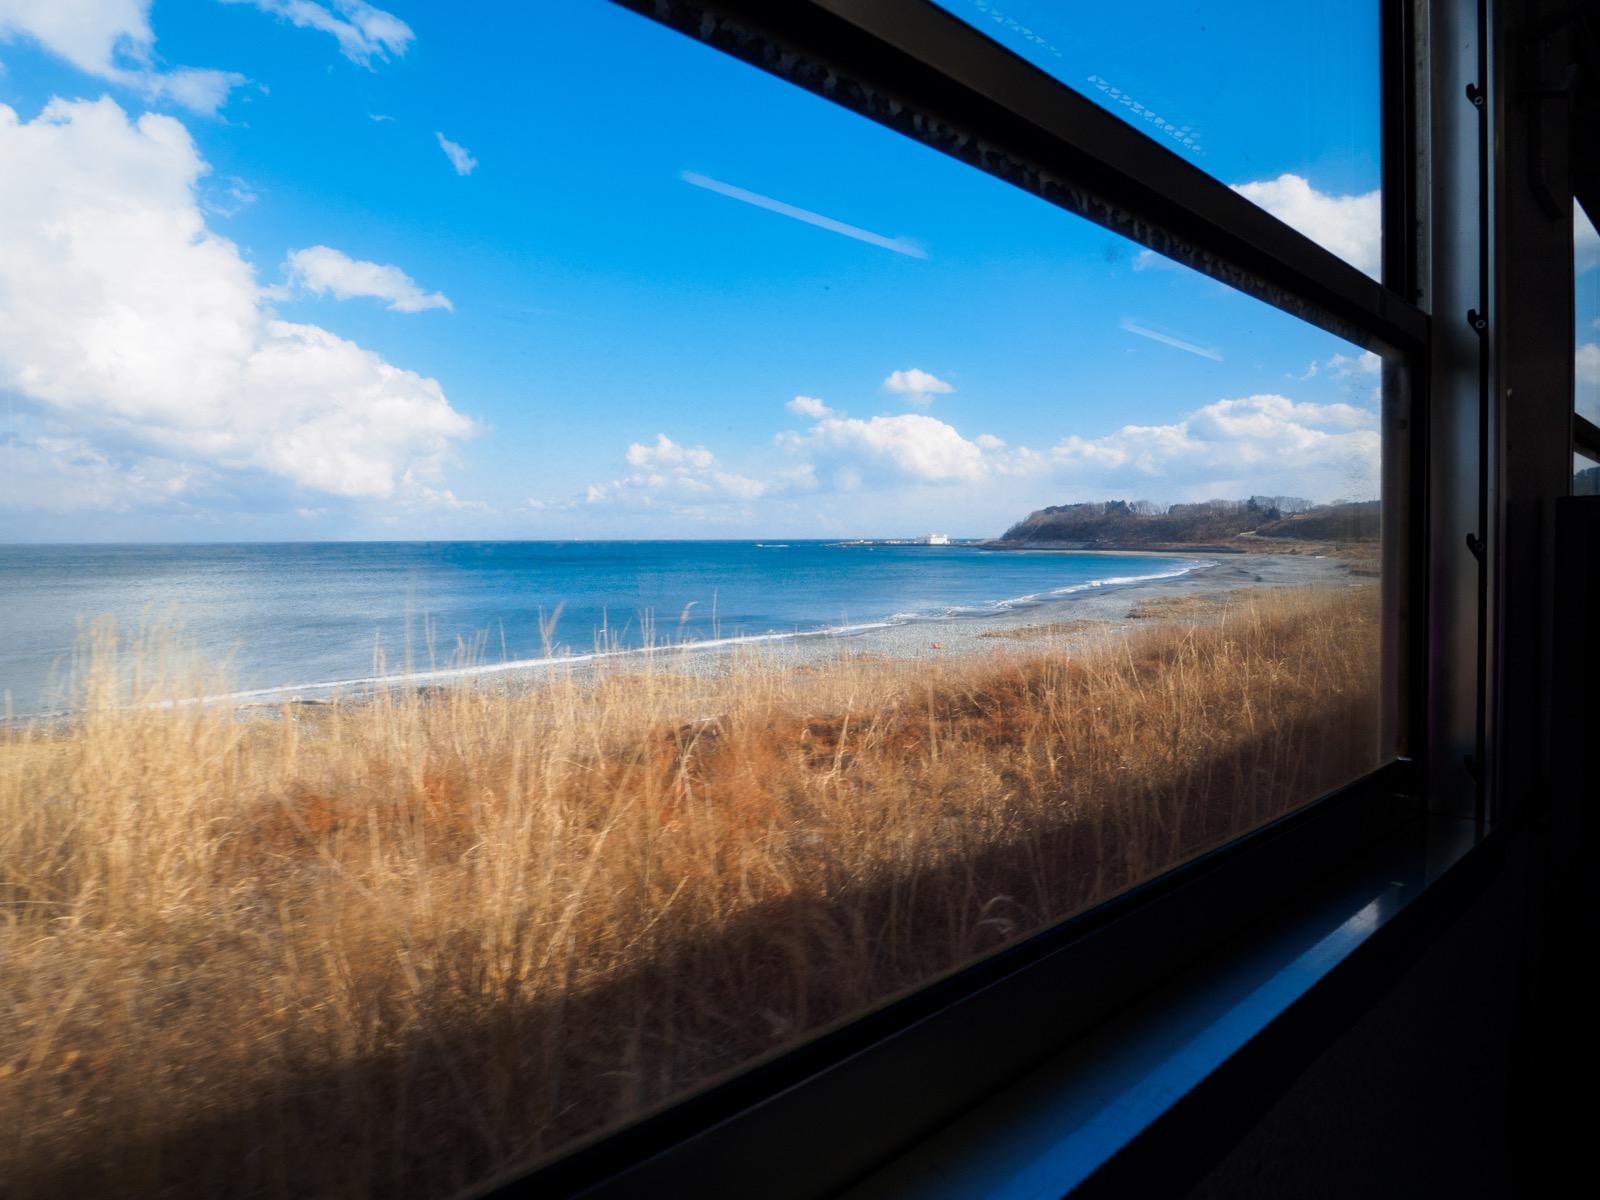 八戸線(宿戸〜陸中八木間)の車窓から見た太平洋